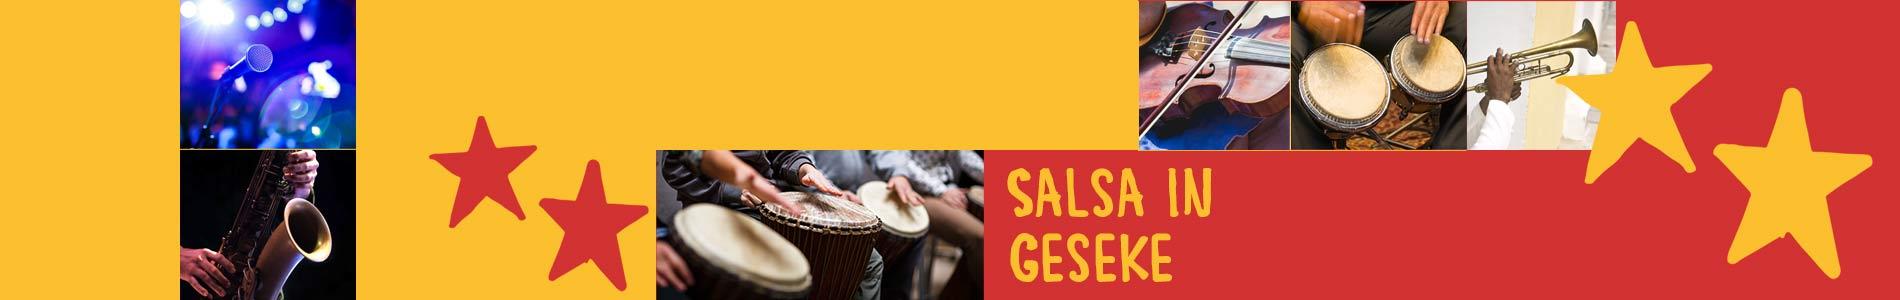 Salsa in Geseke – Salsa lernen und tanzen, Tanzkurse, Partys, Veranstaltungen